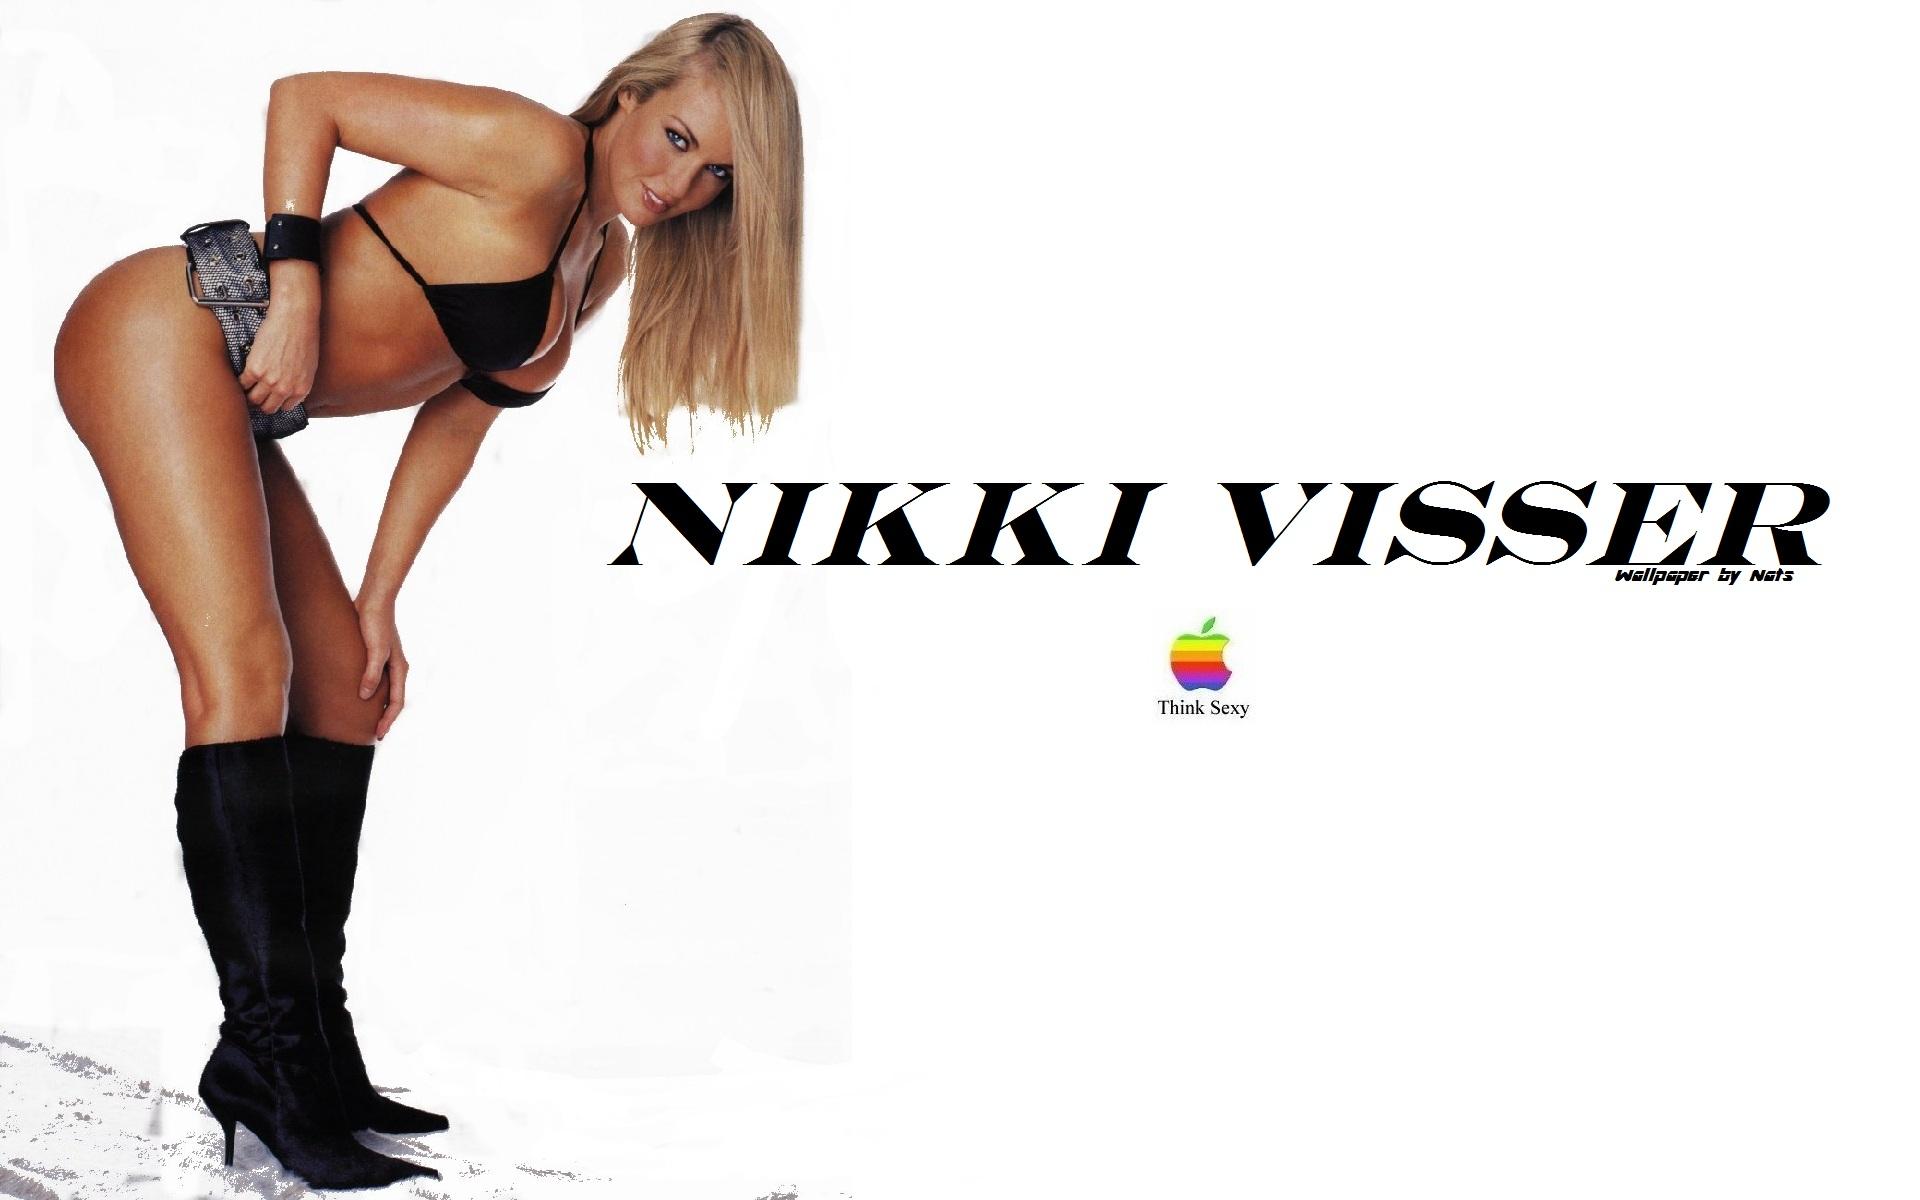 female celebrities nikki visser - photo #13